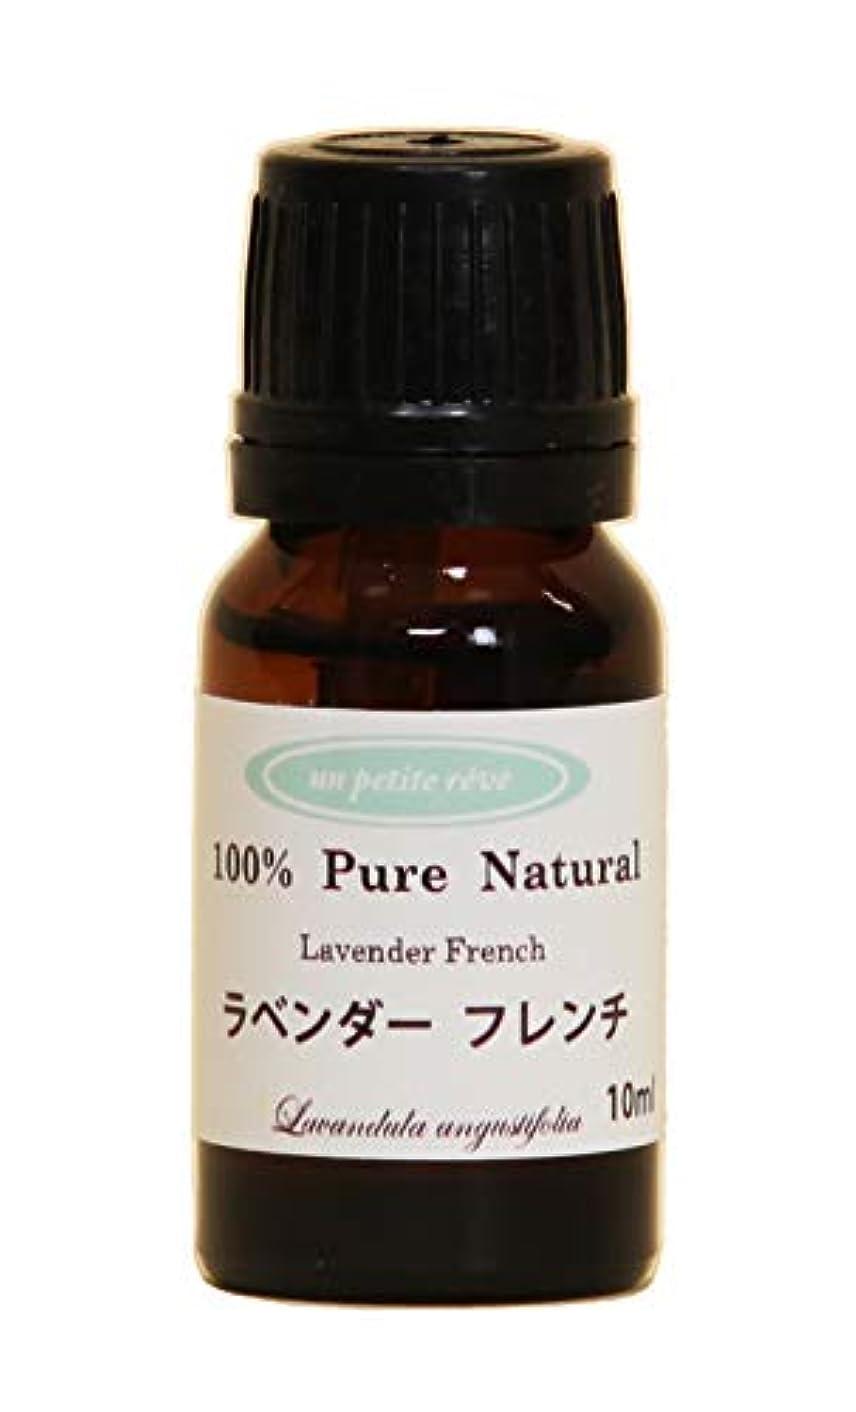 ピック異邦人涙ラベンダーフレンチ 10ml 100%天然アロマエッセンシャルオイル(精油)